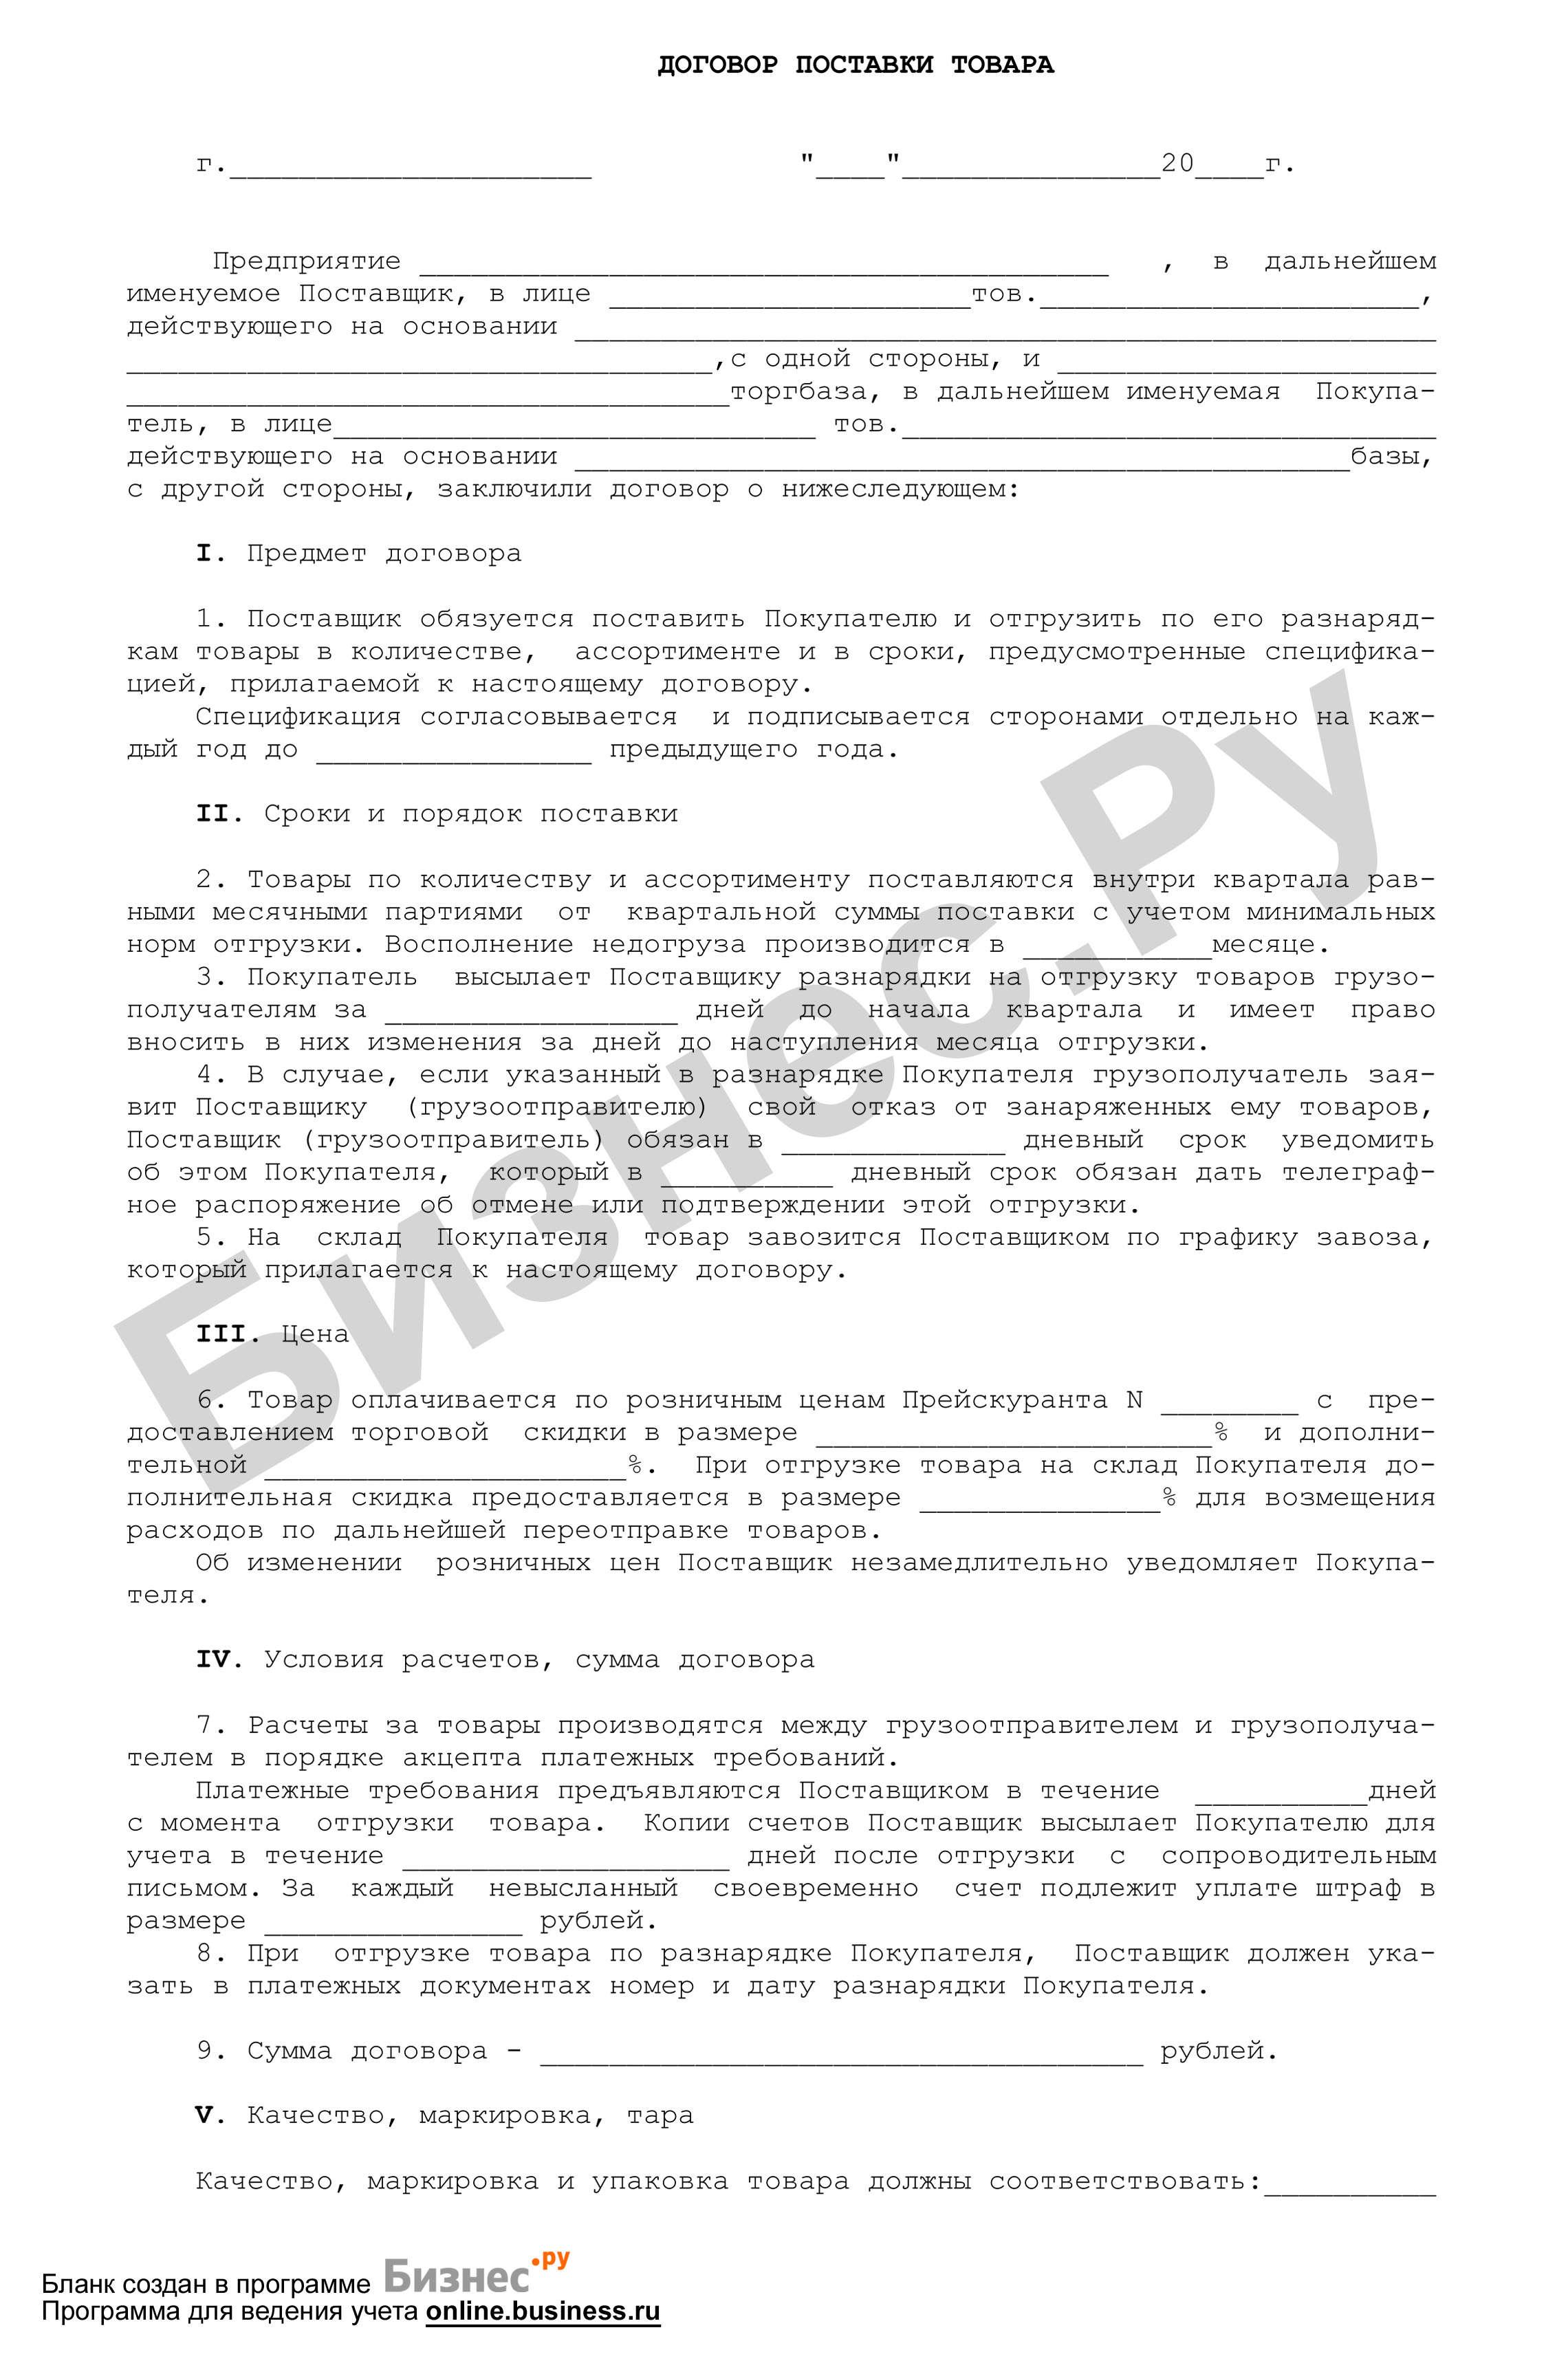 Договор поставки товара образец без спецификации